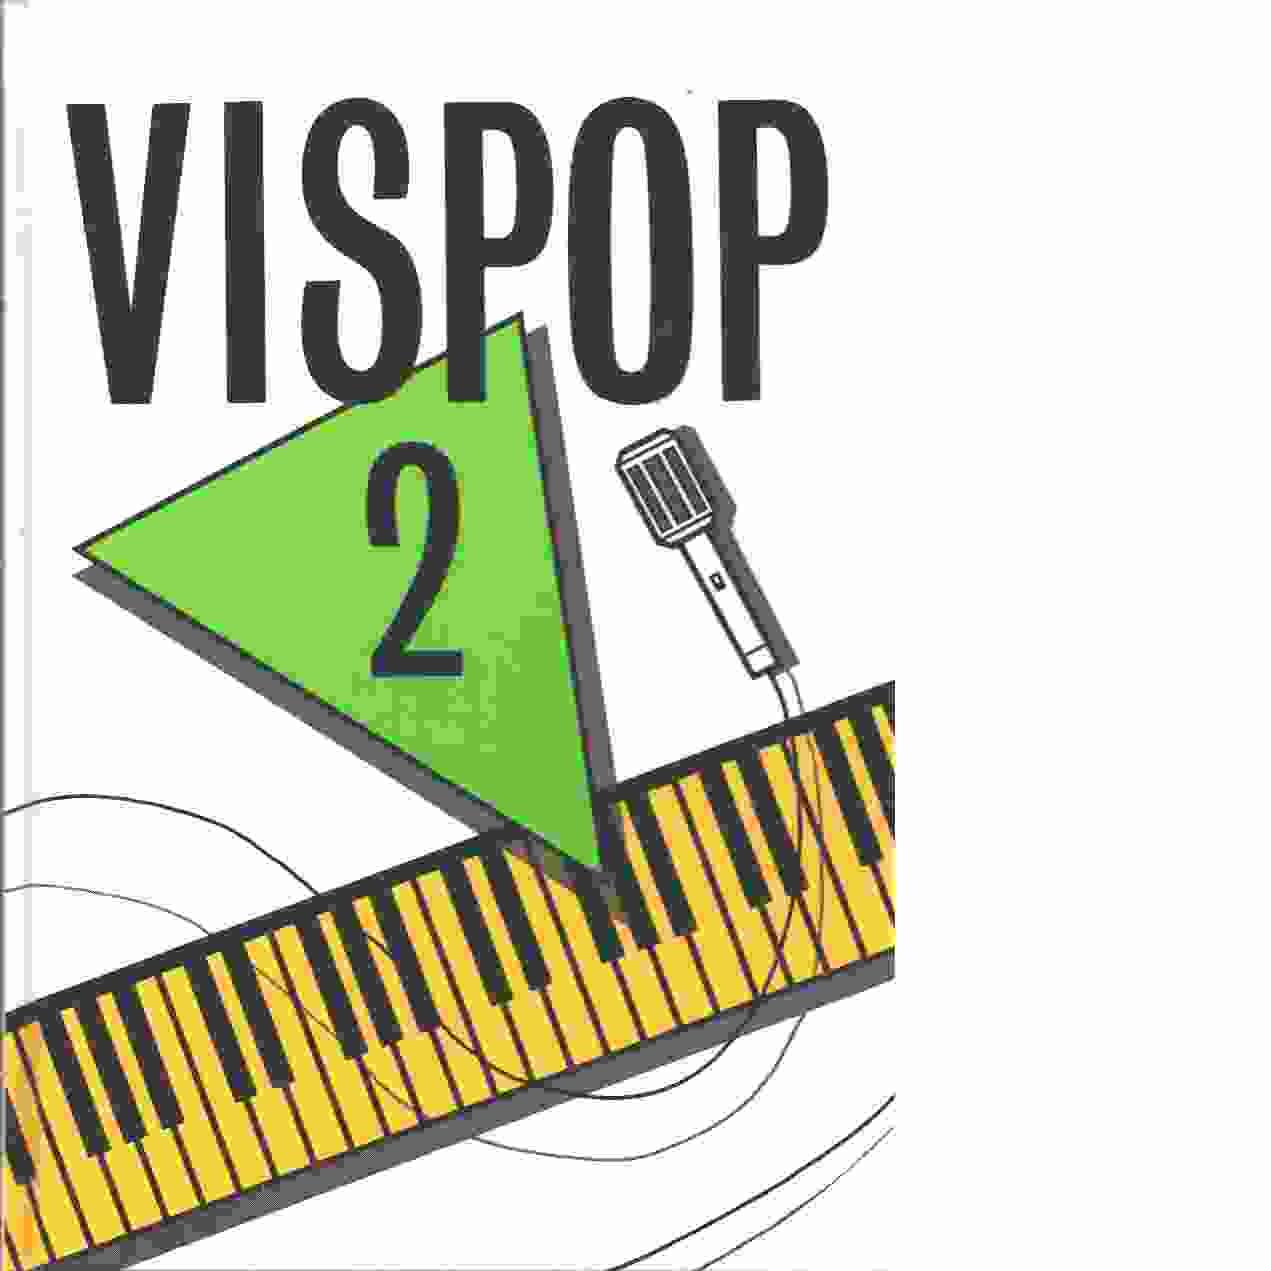 Vispop 2 - Red. Hahne, Ingemar